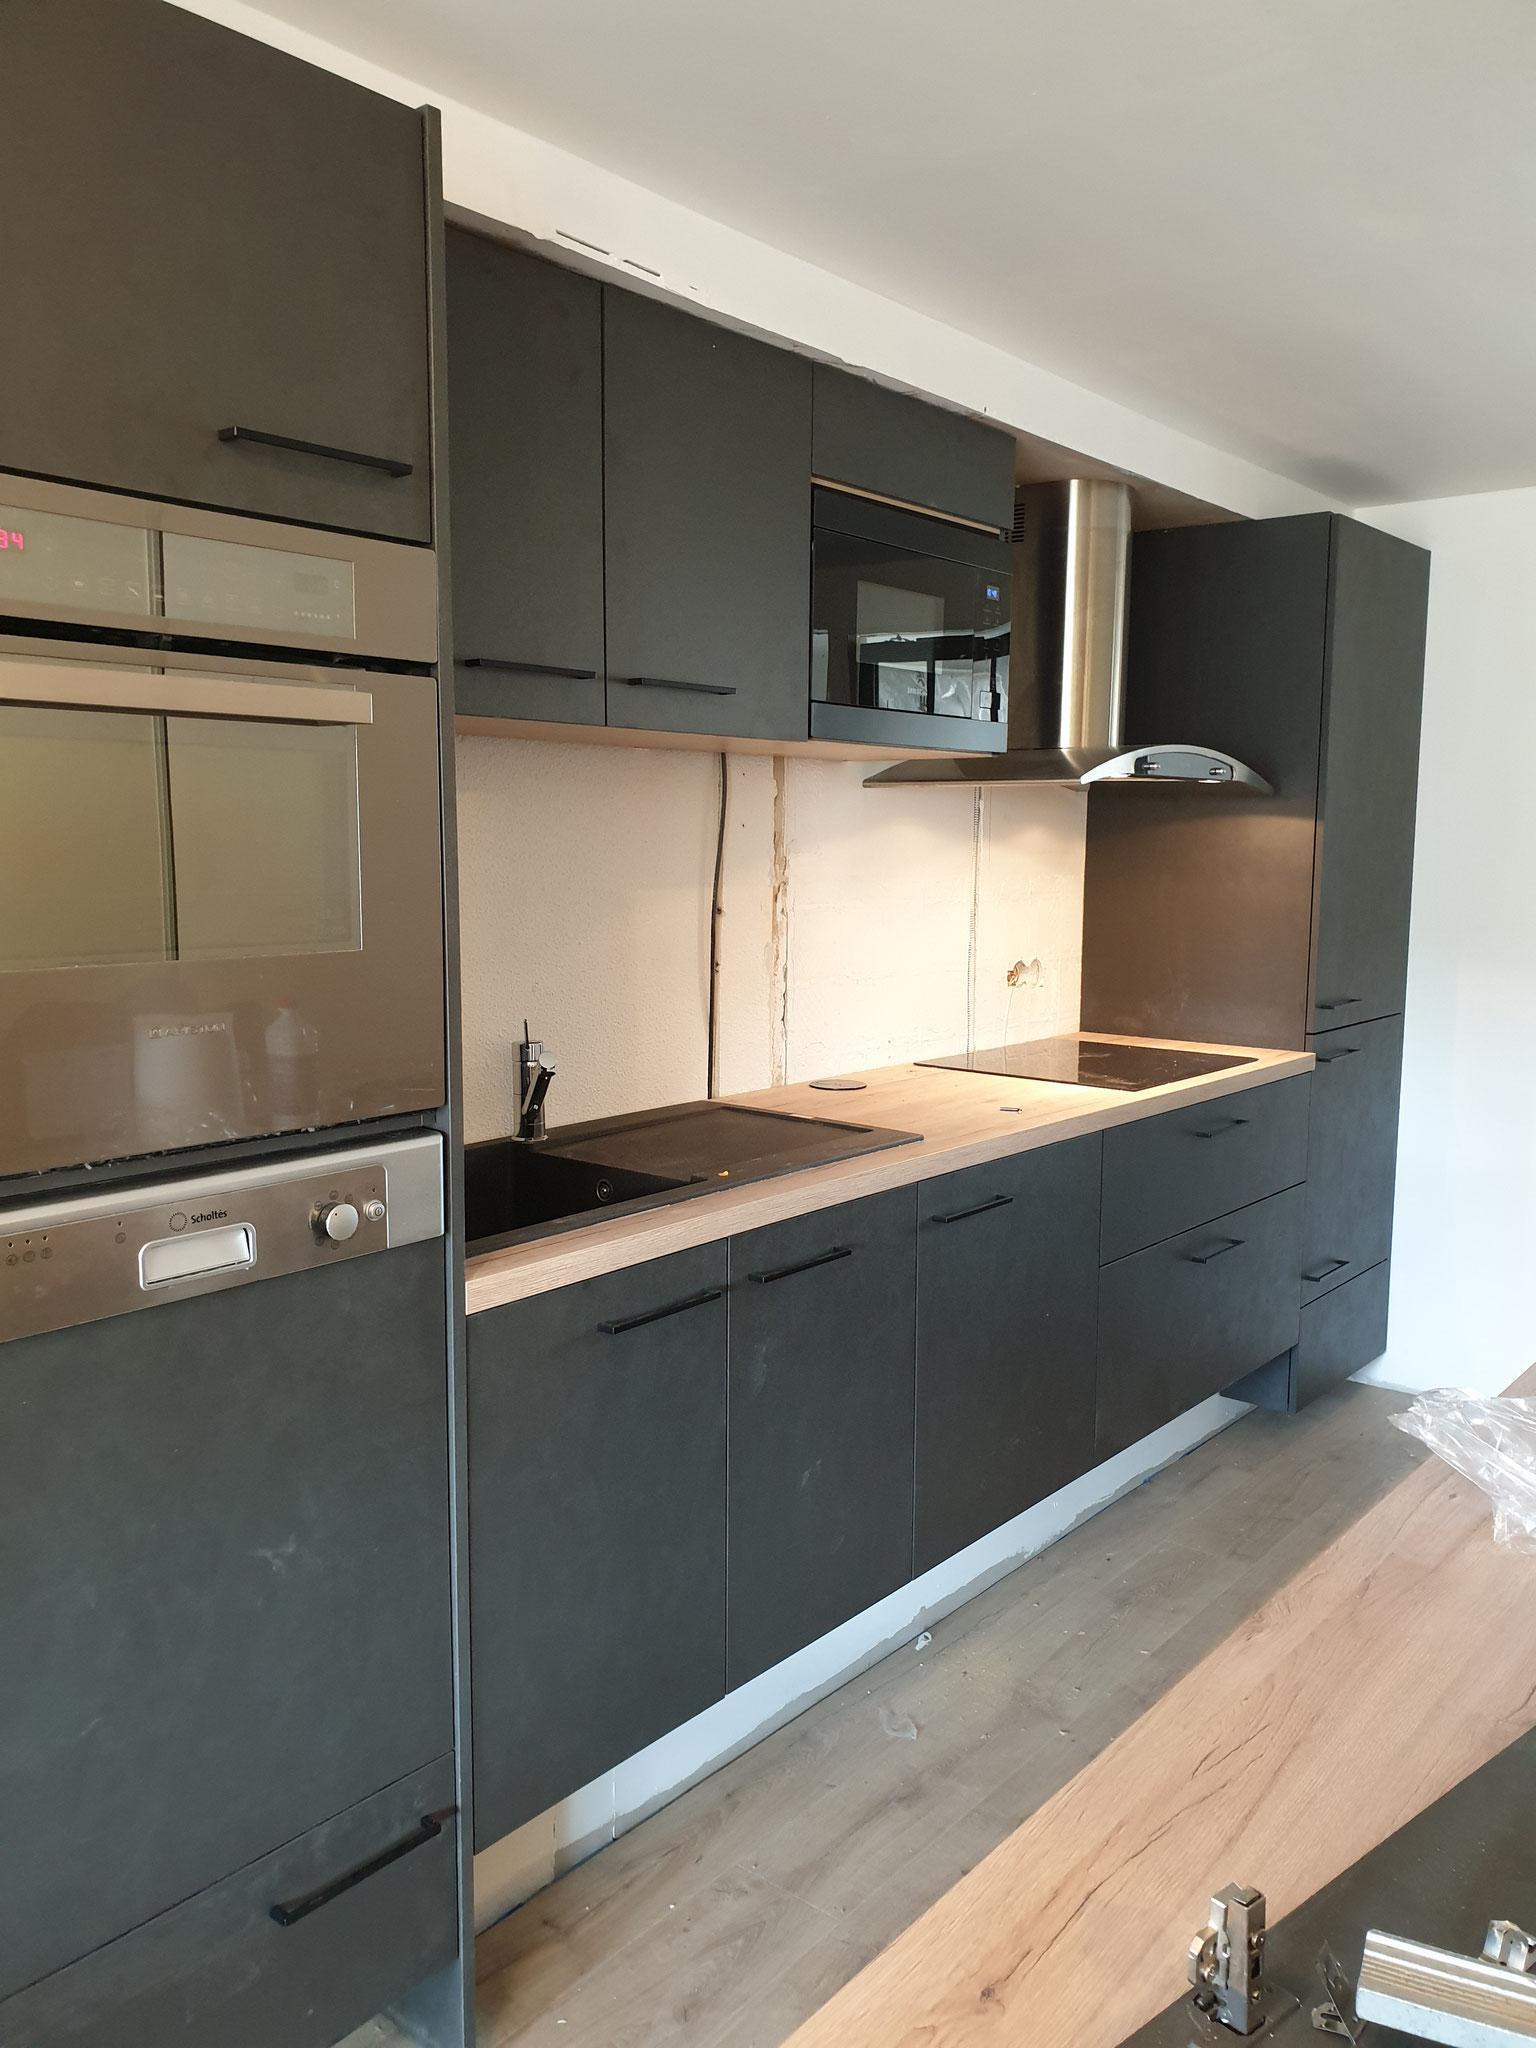 cuisine anthracite et bois avec contraintes de canalisation refonte complète d'un appartement Toulouse minimes par cuisine design Toulouse